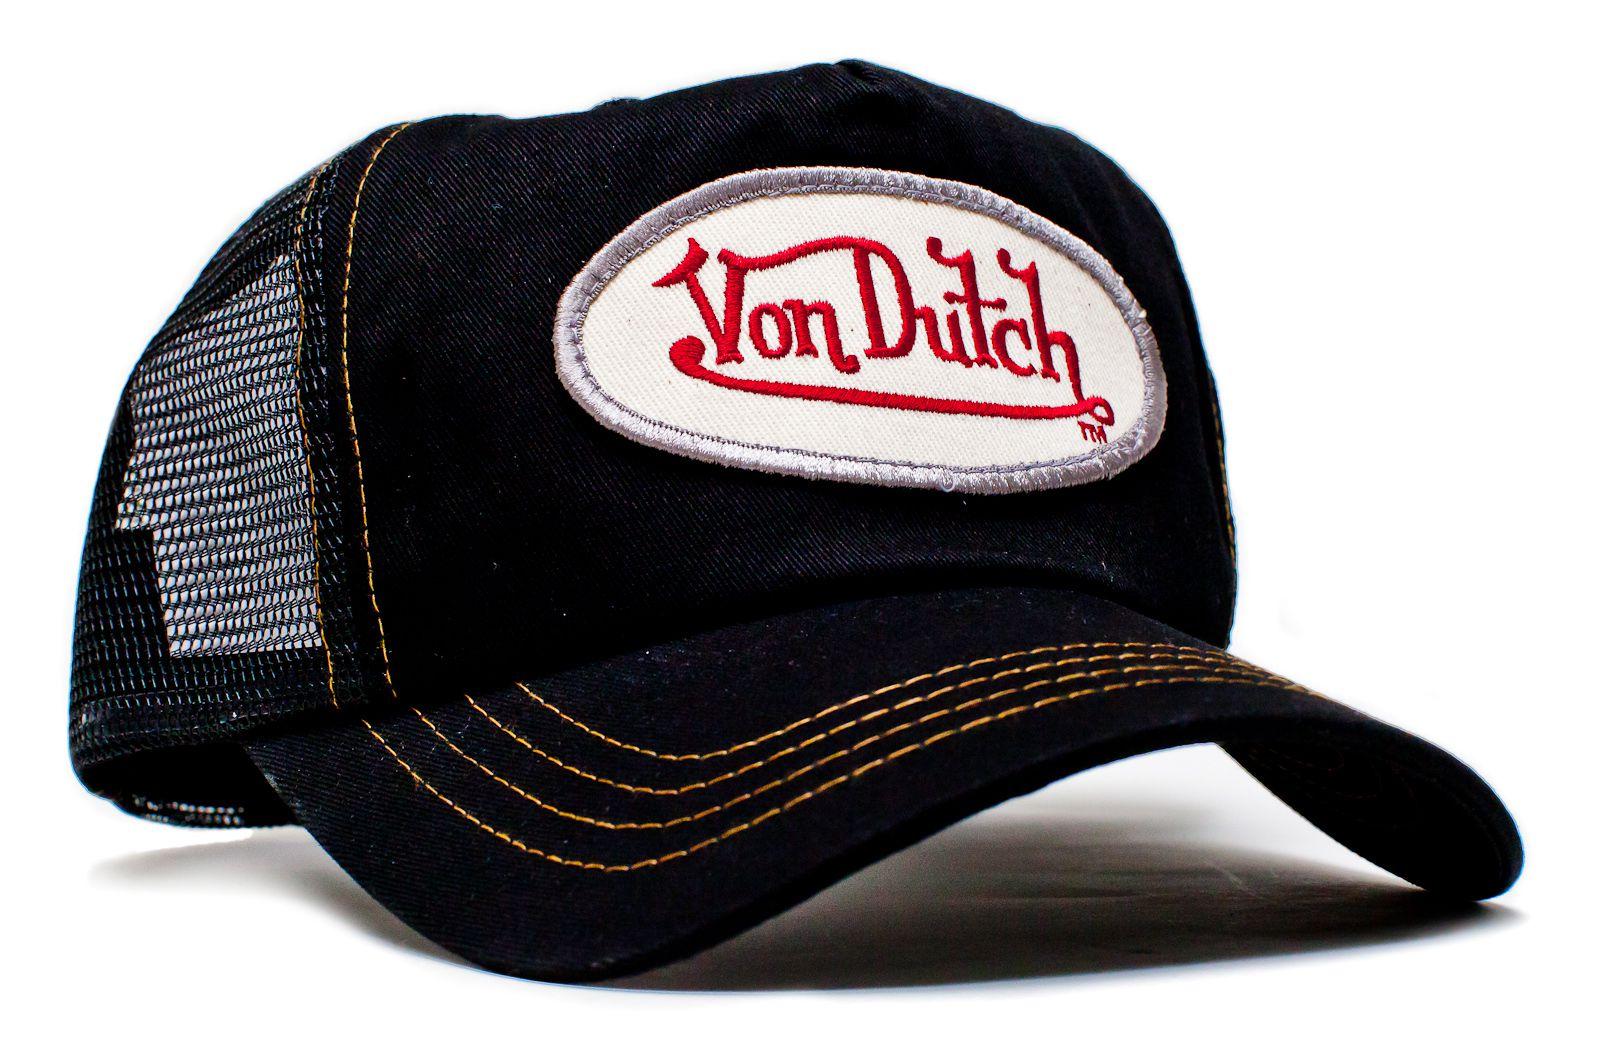 06092013-Von-Dutch-Black-on-Black.jpg